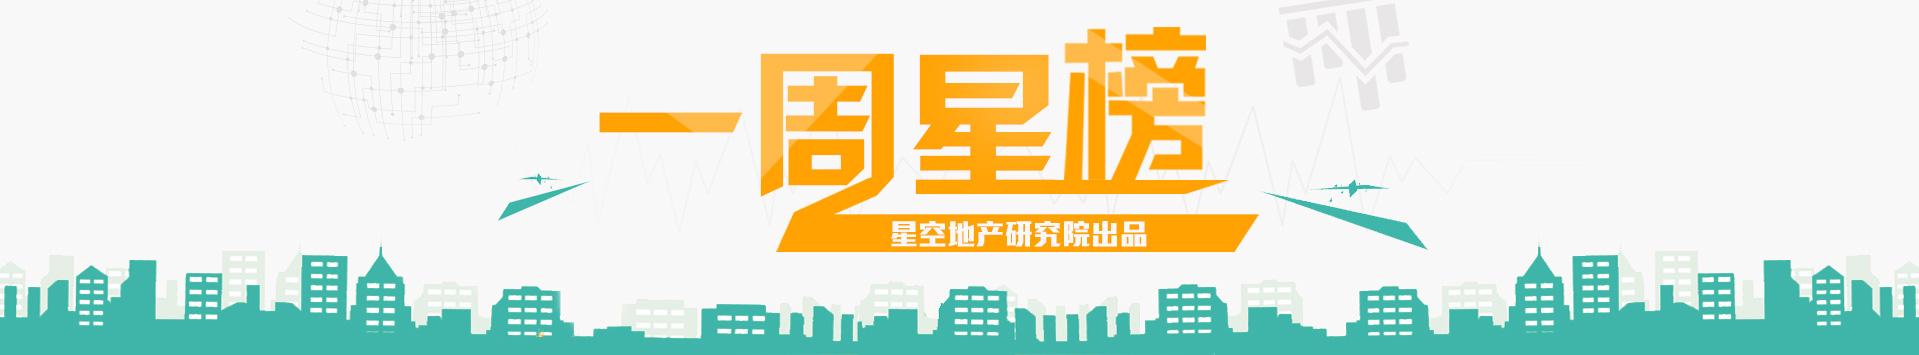 28周淮北住宅共计197套商品房备案,环比增加30套